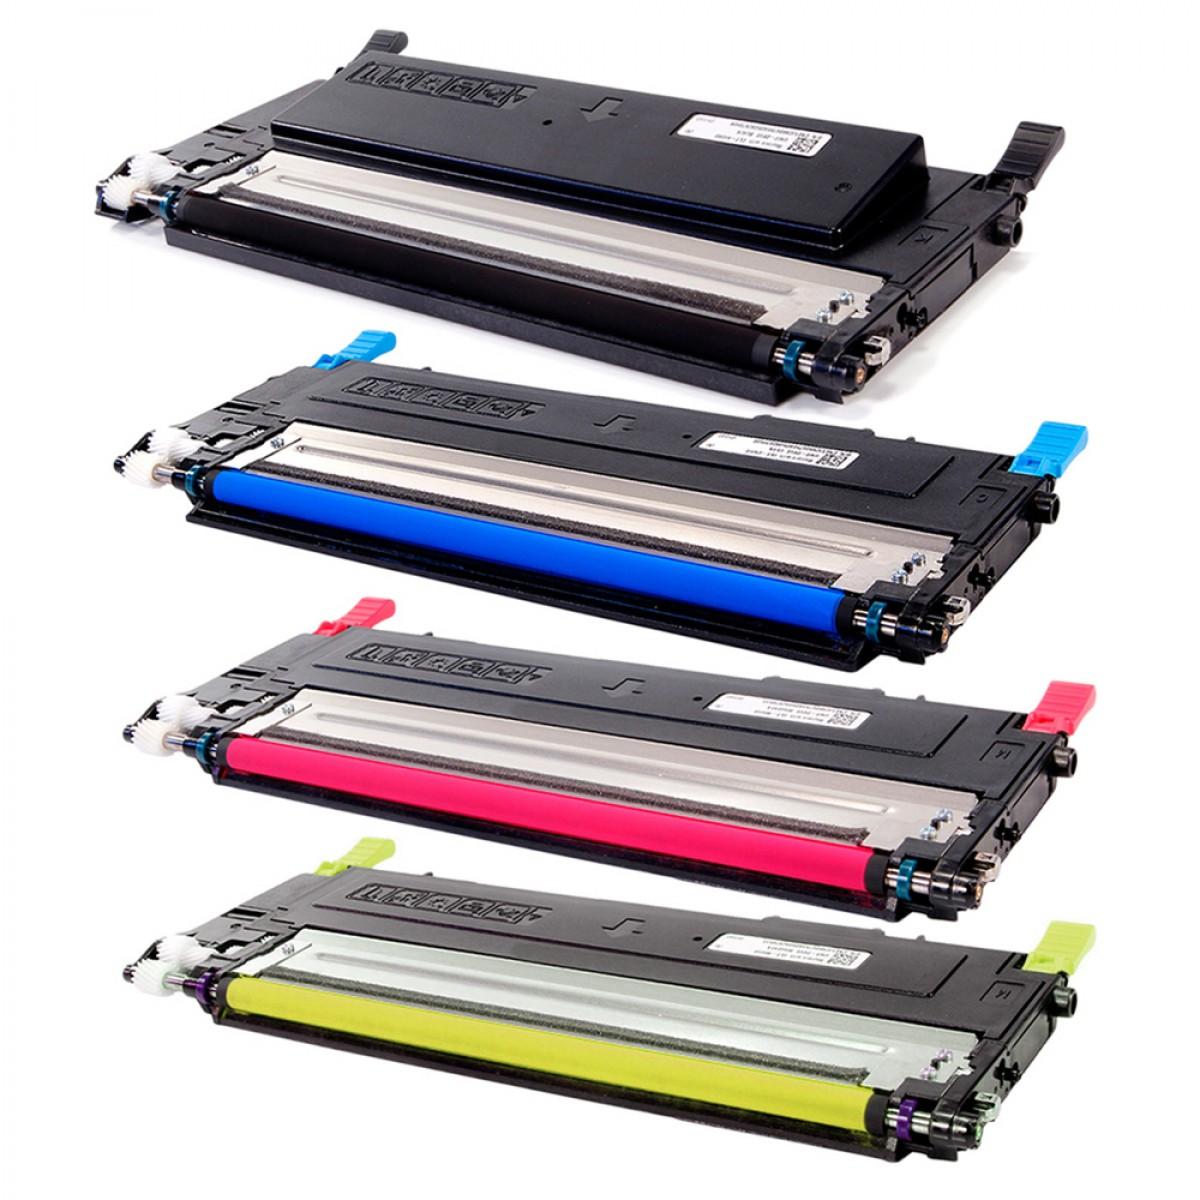 טונר למדפסת Samsung מה ההבדל